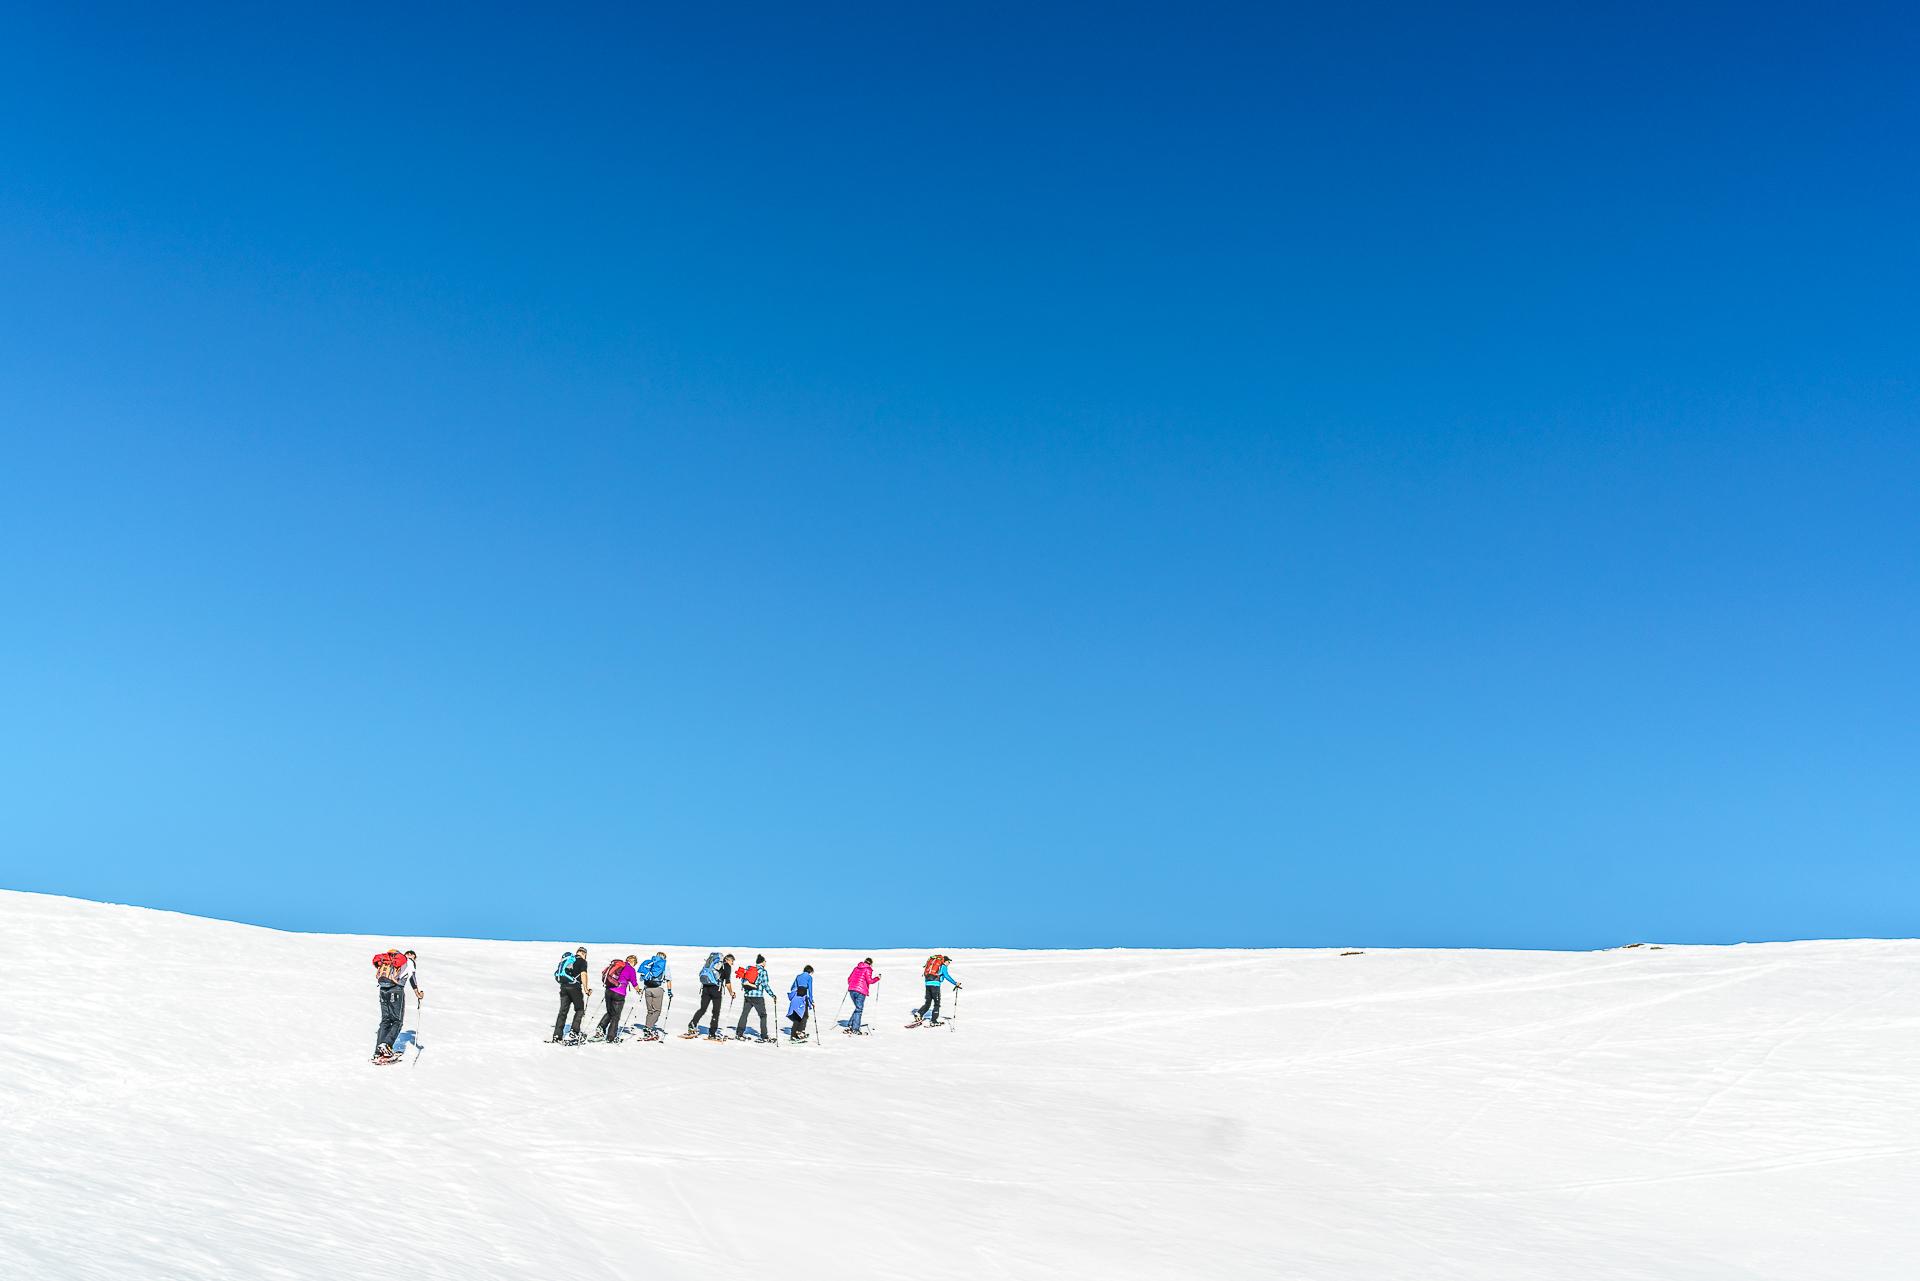 Schneeschuhwanderer-Winter